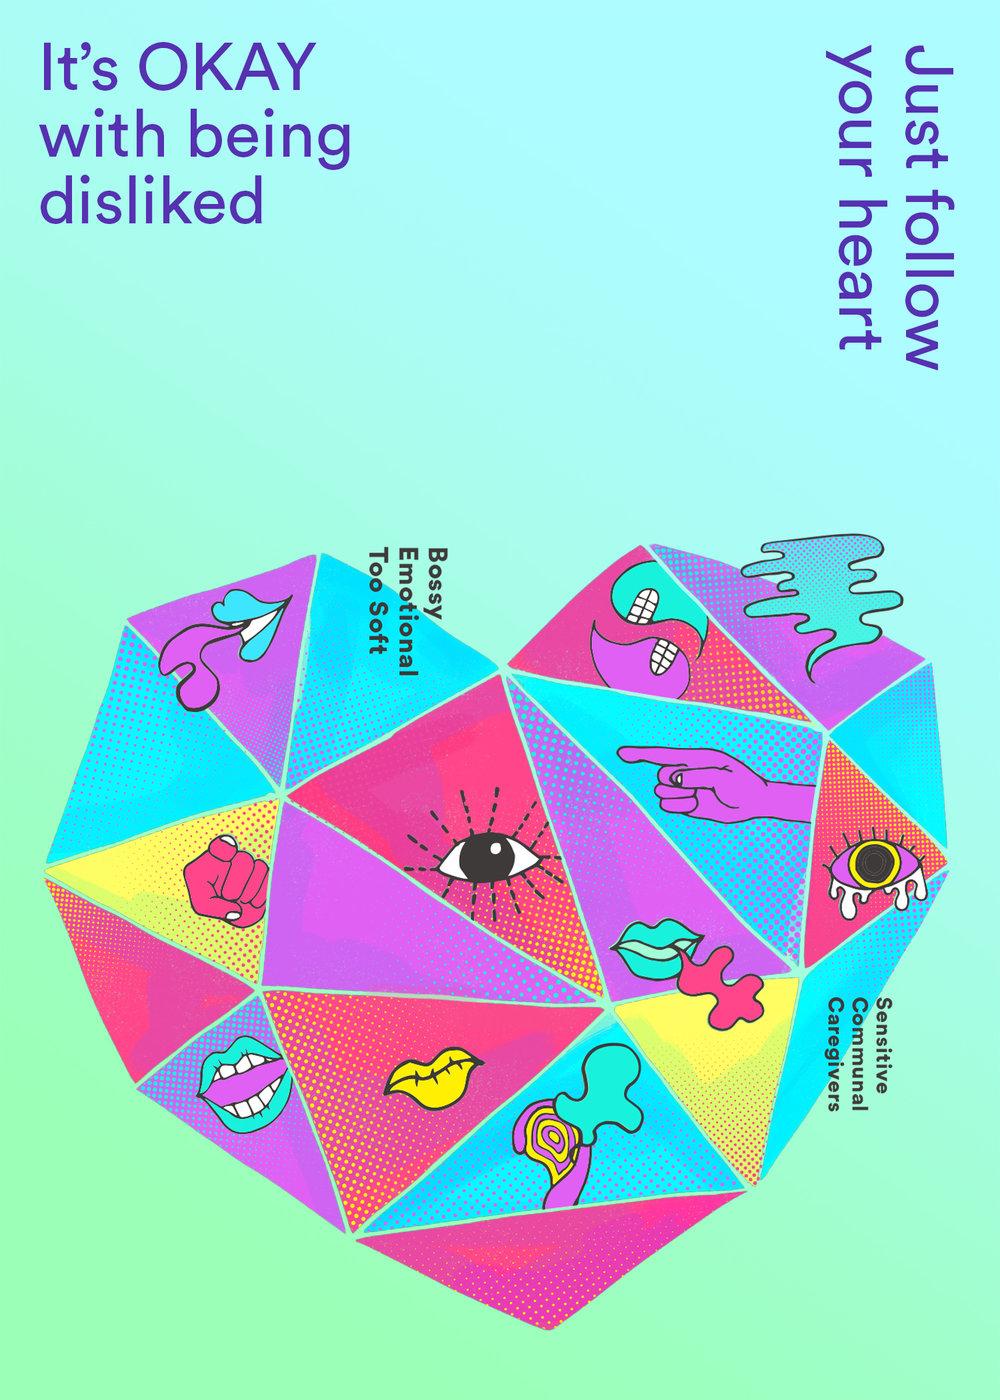 Sheryl-card.jpg